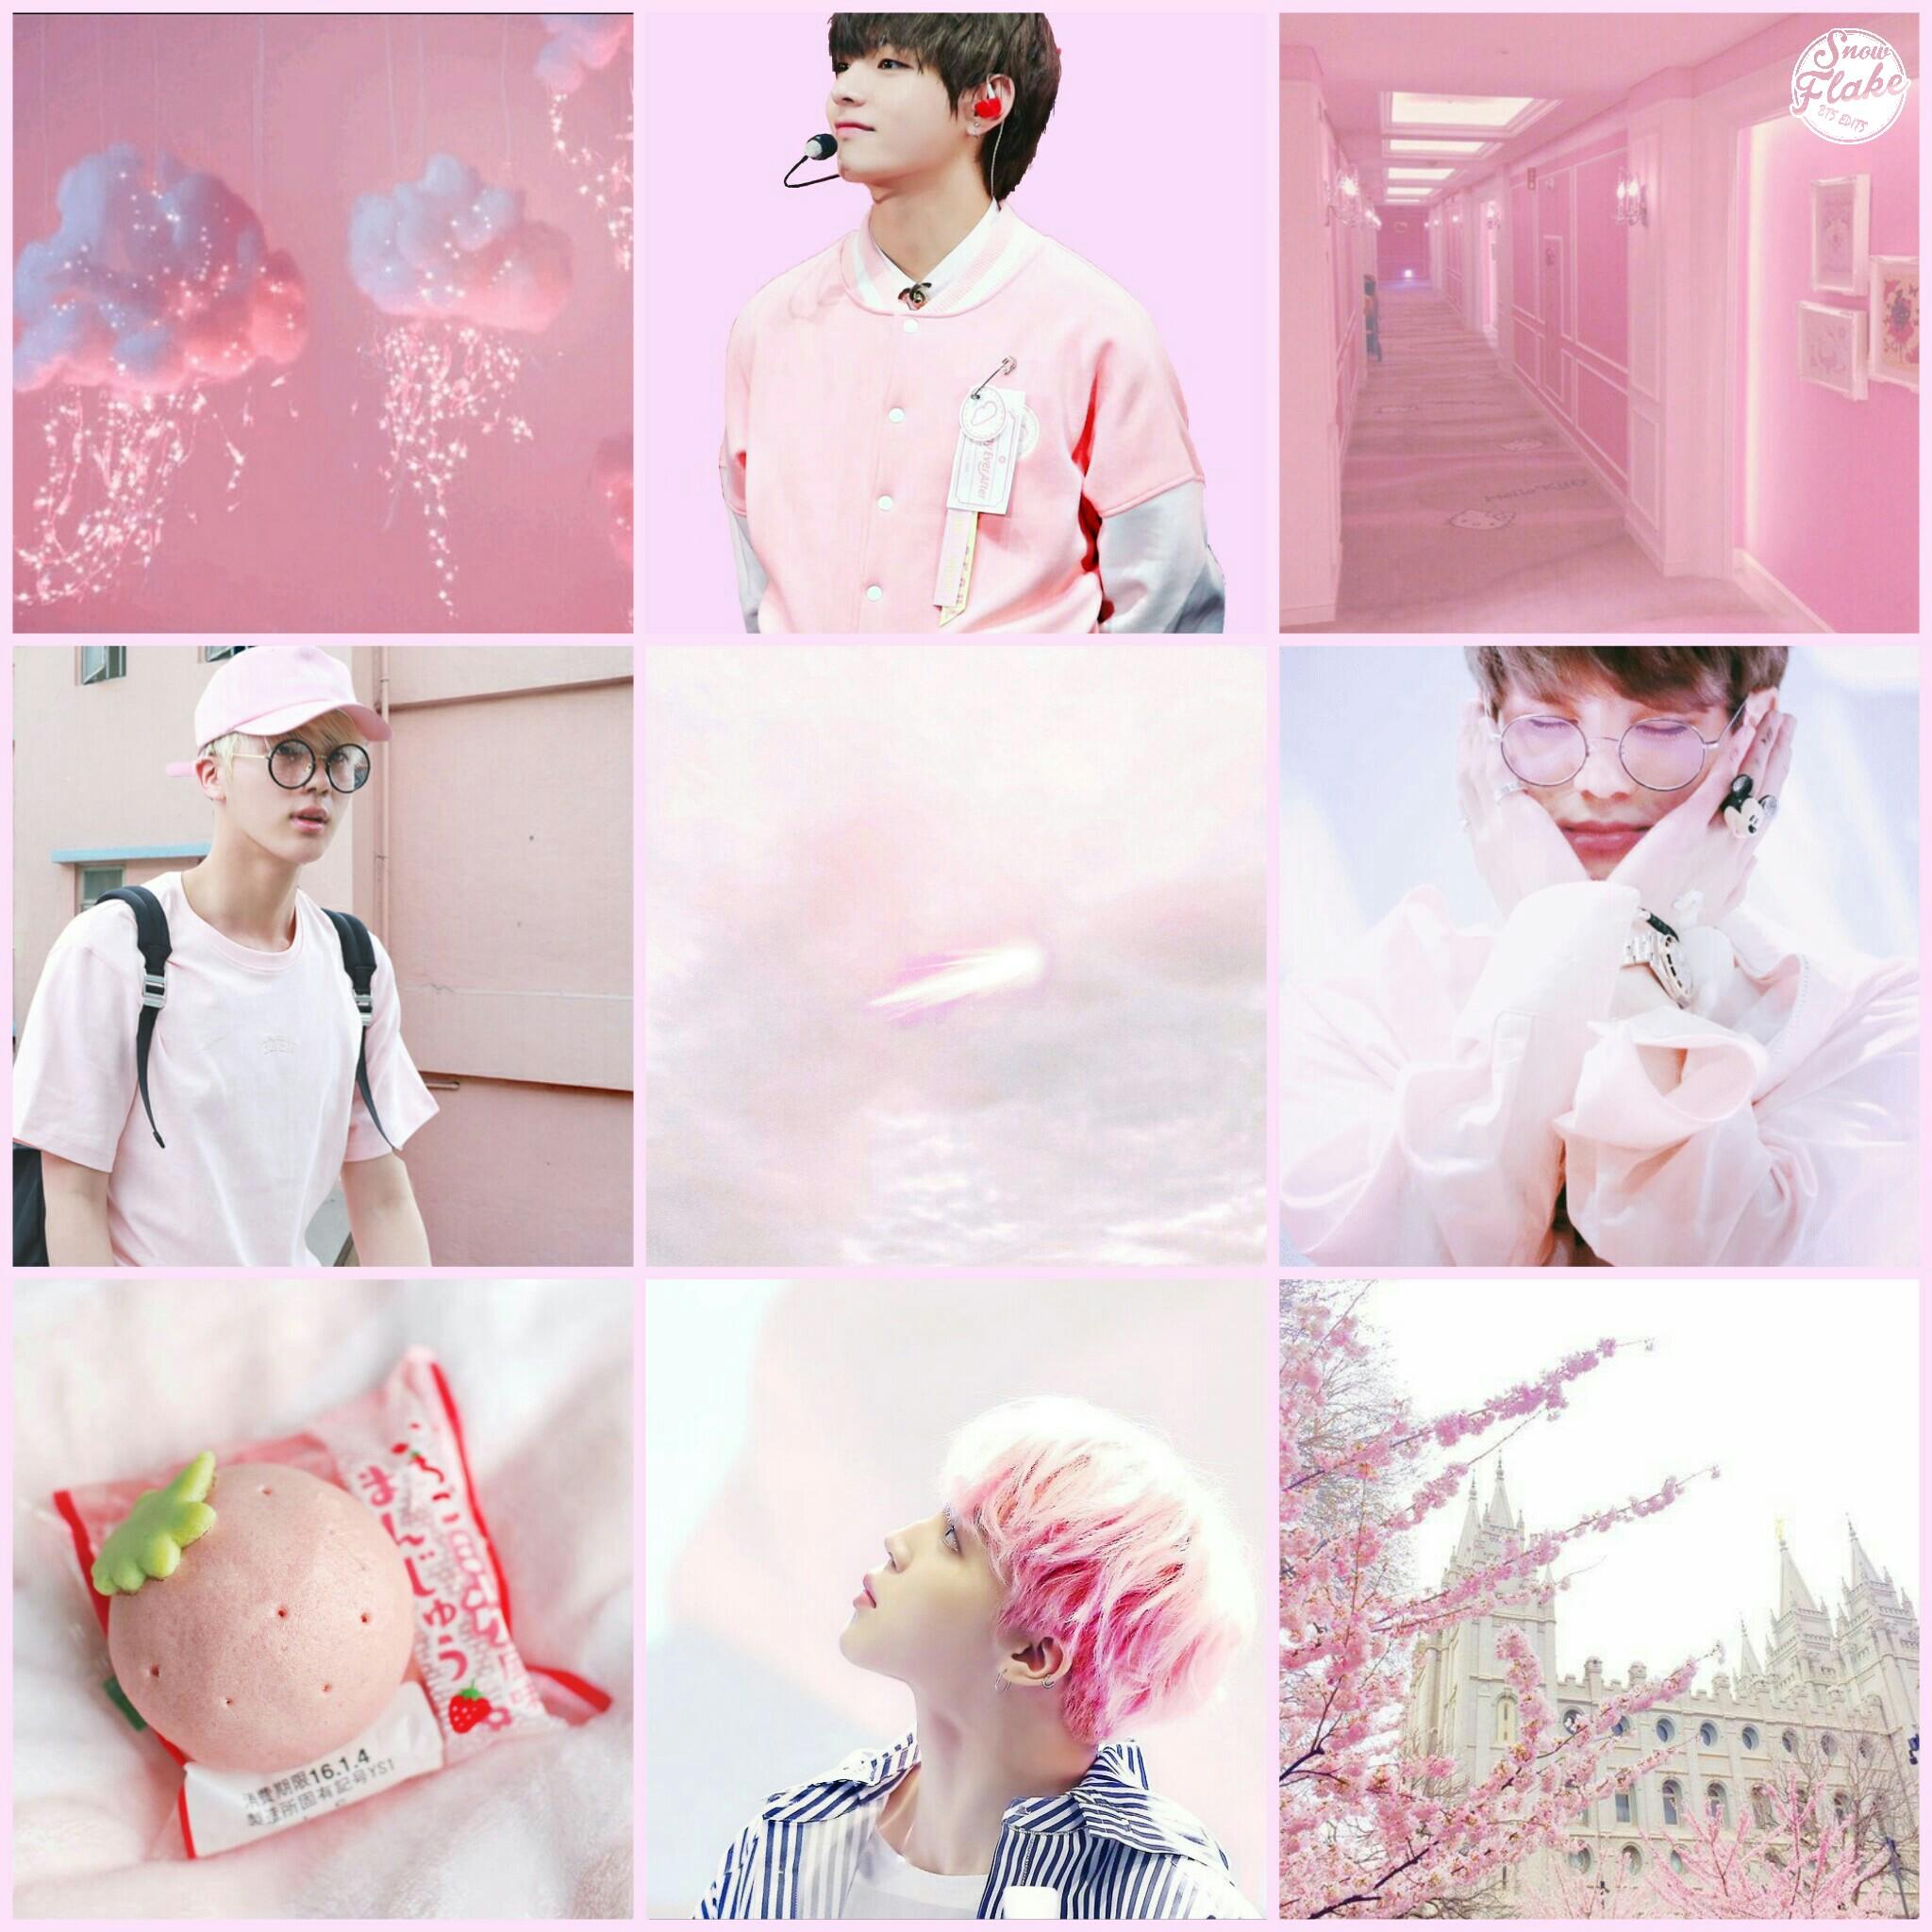 Bts Jimin Pink Popular Aesthetic Wallpaper - Glodakk